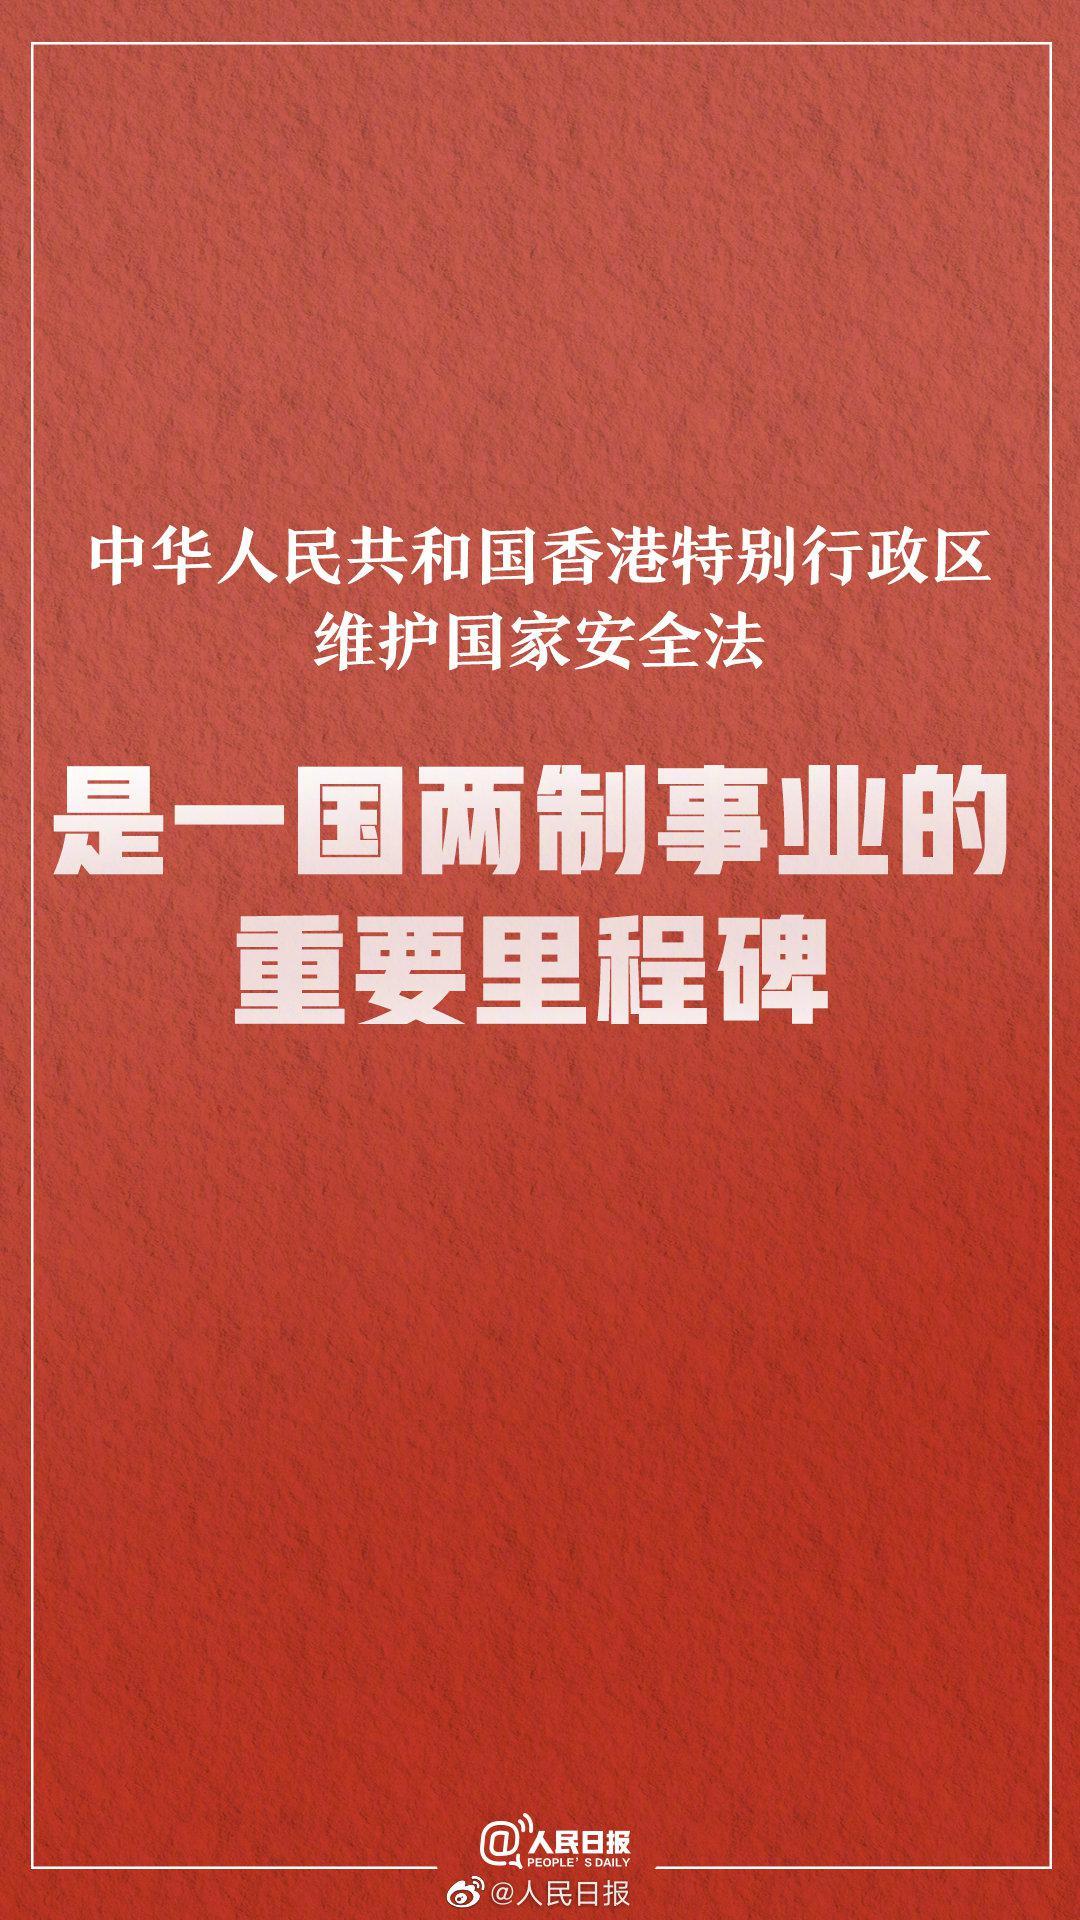 【天富】转港区国安法是香港繁荣稳定守护神天富图片